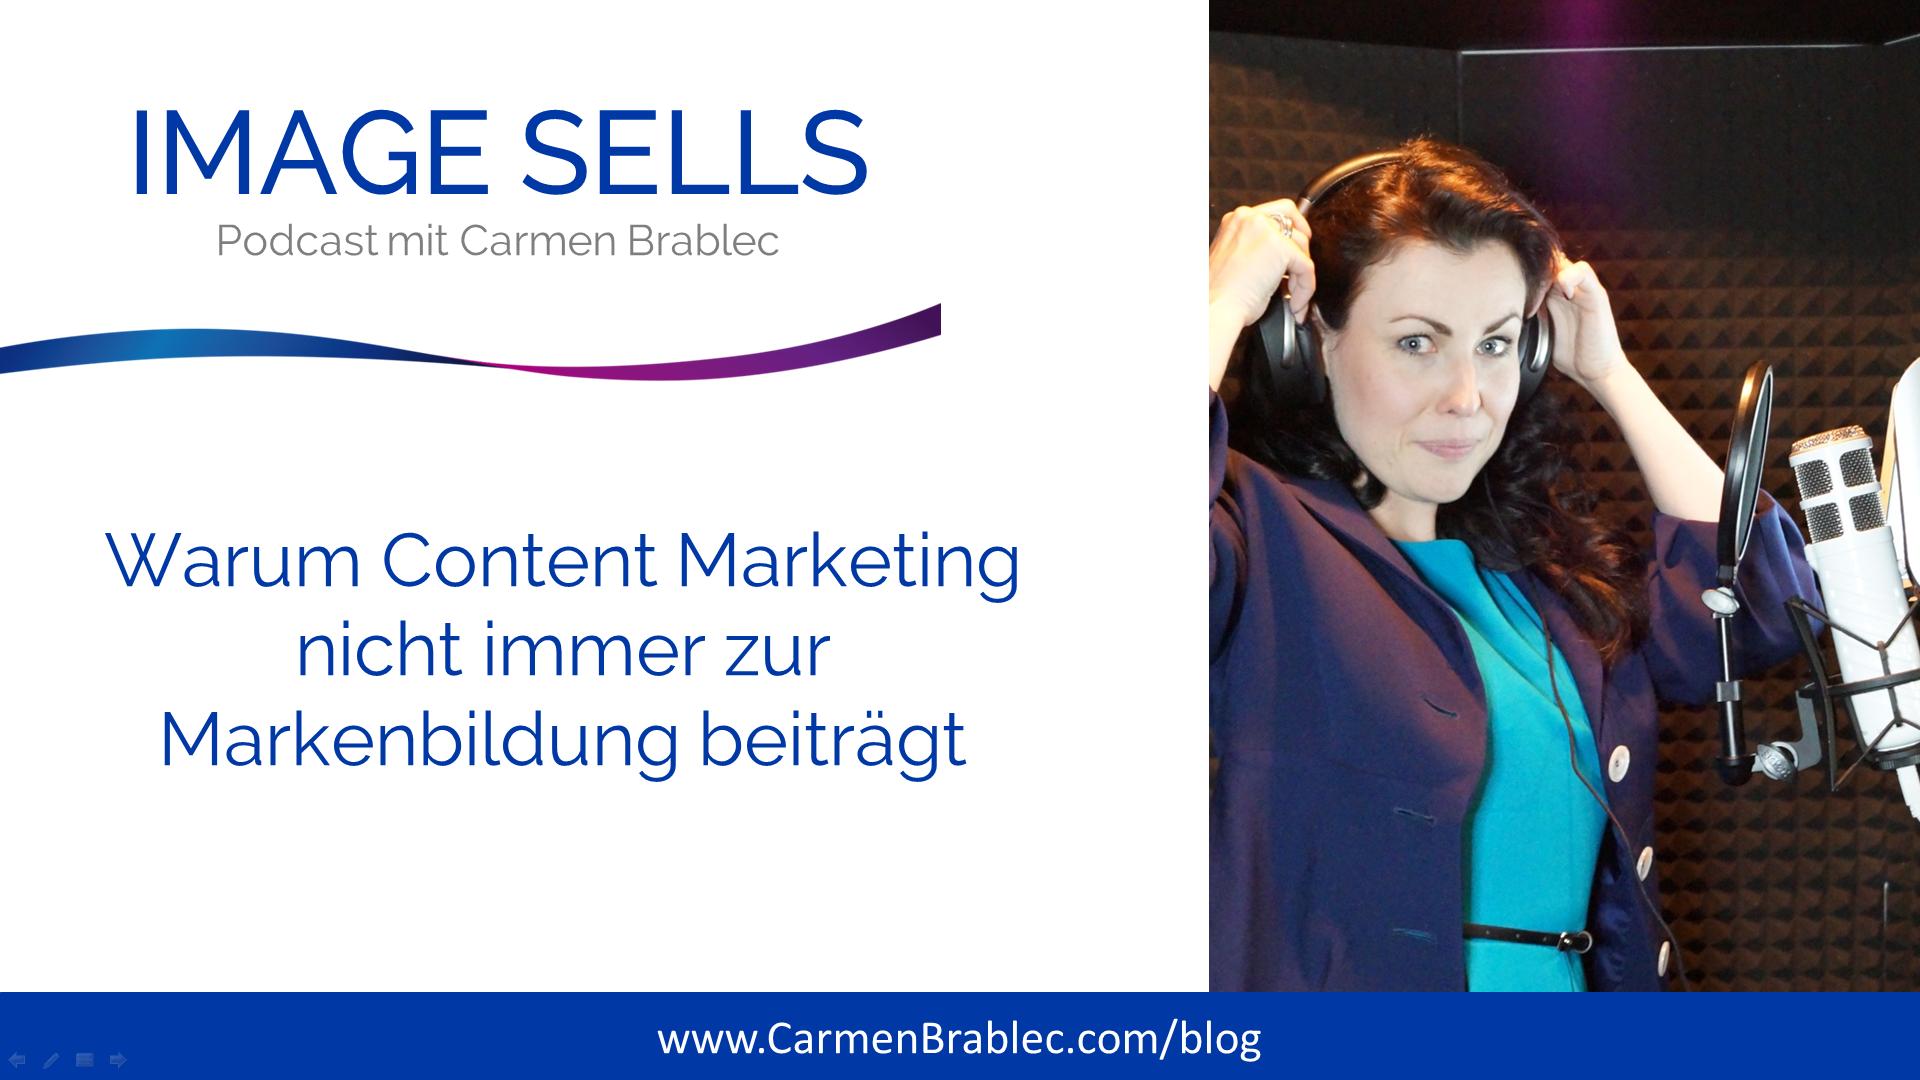 Warum Content Marketing nicht immer zur Markenbildung beiträgt – ISP #007